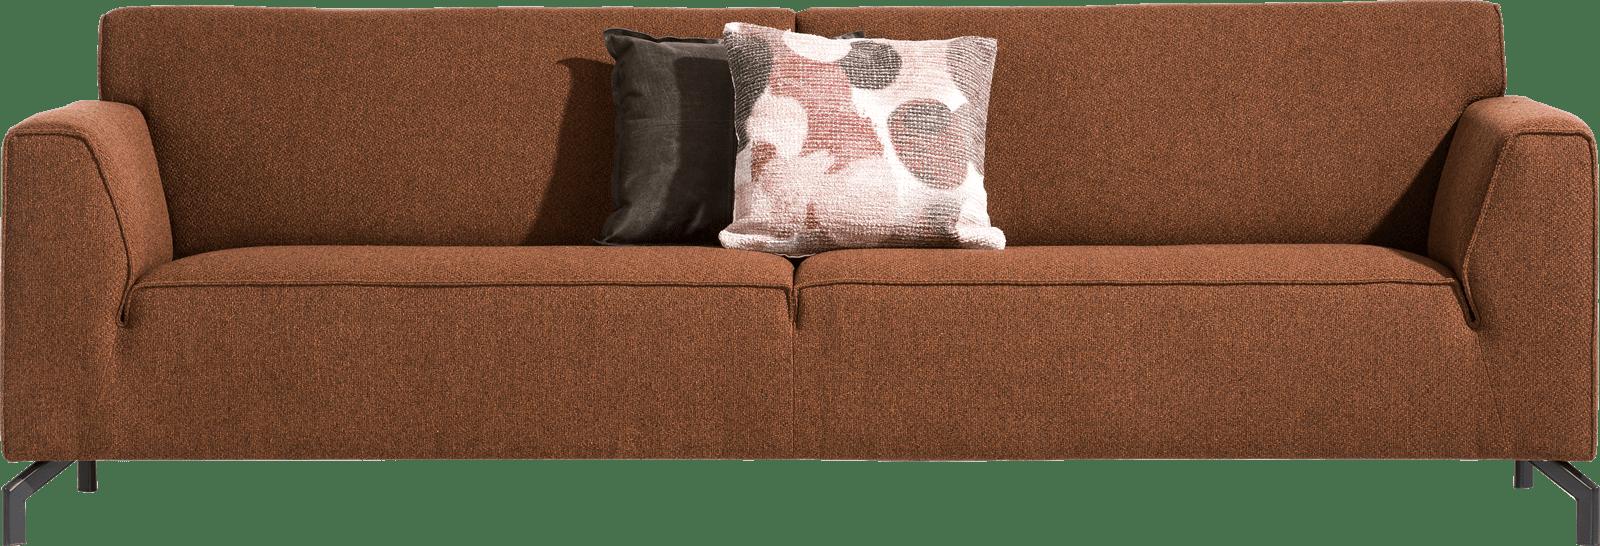 Henders & Hazel - Novara - Modern - Sofas - 4-sitzer